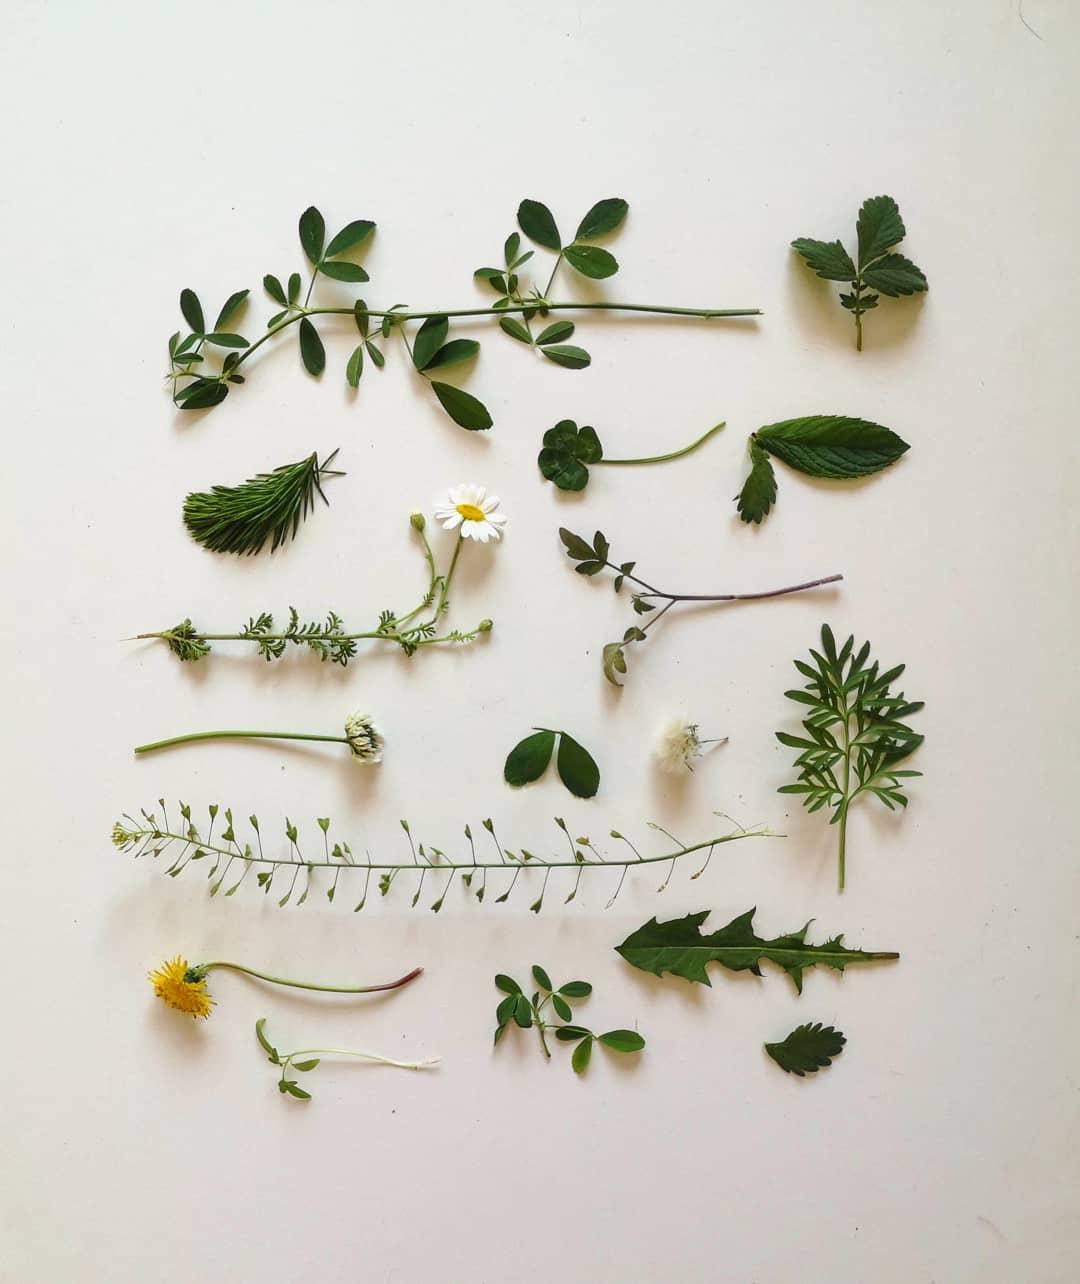 plante din gradina mea